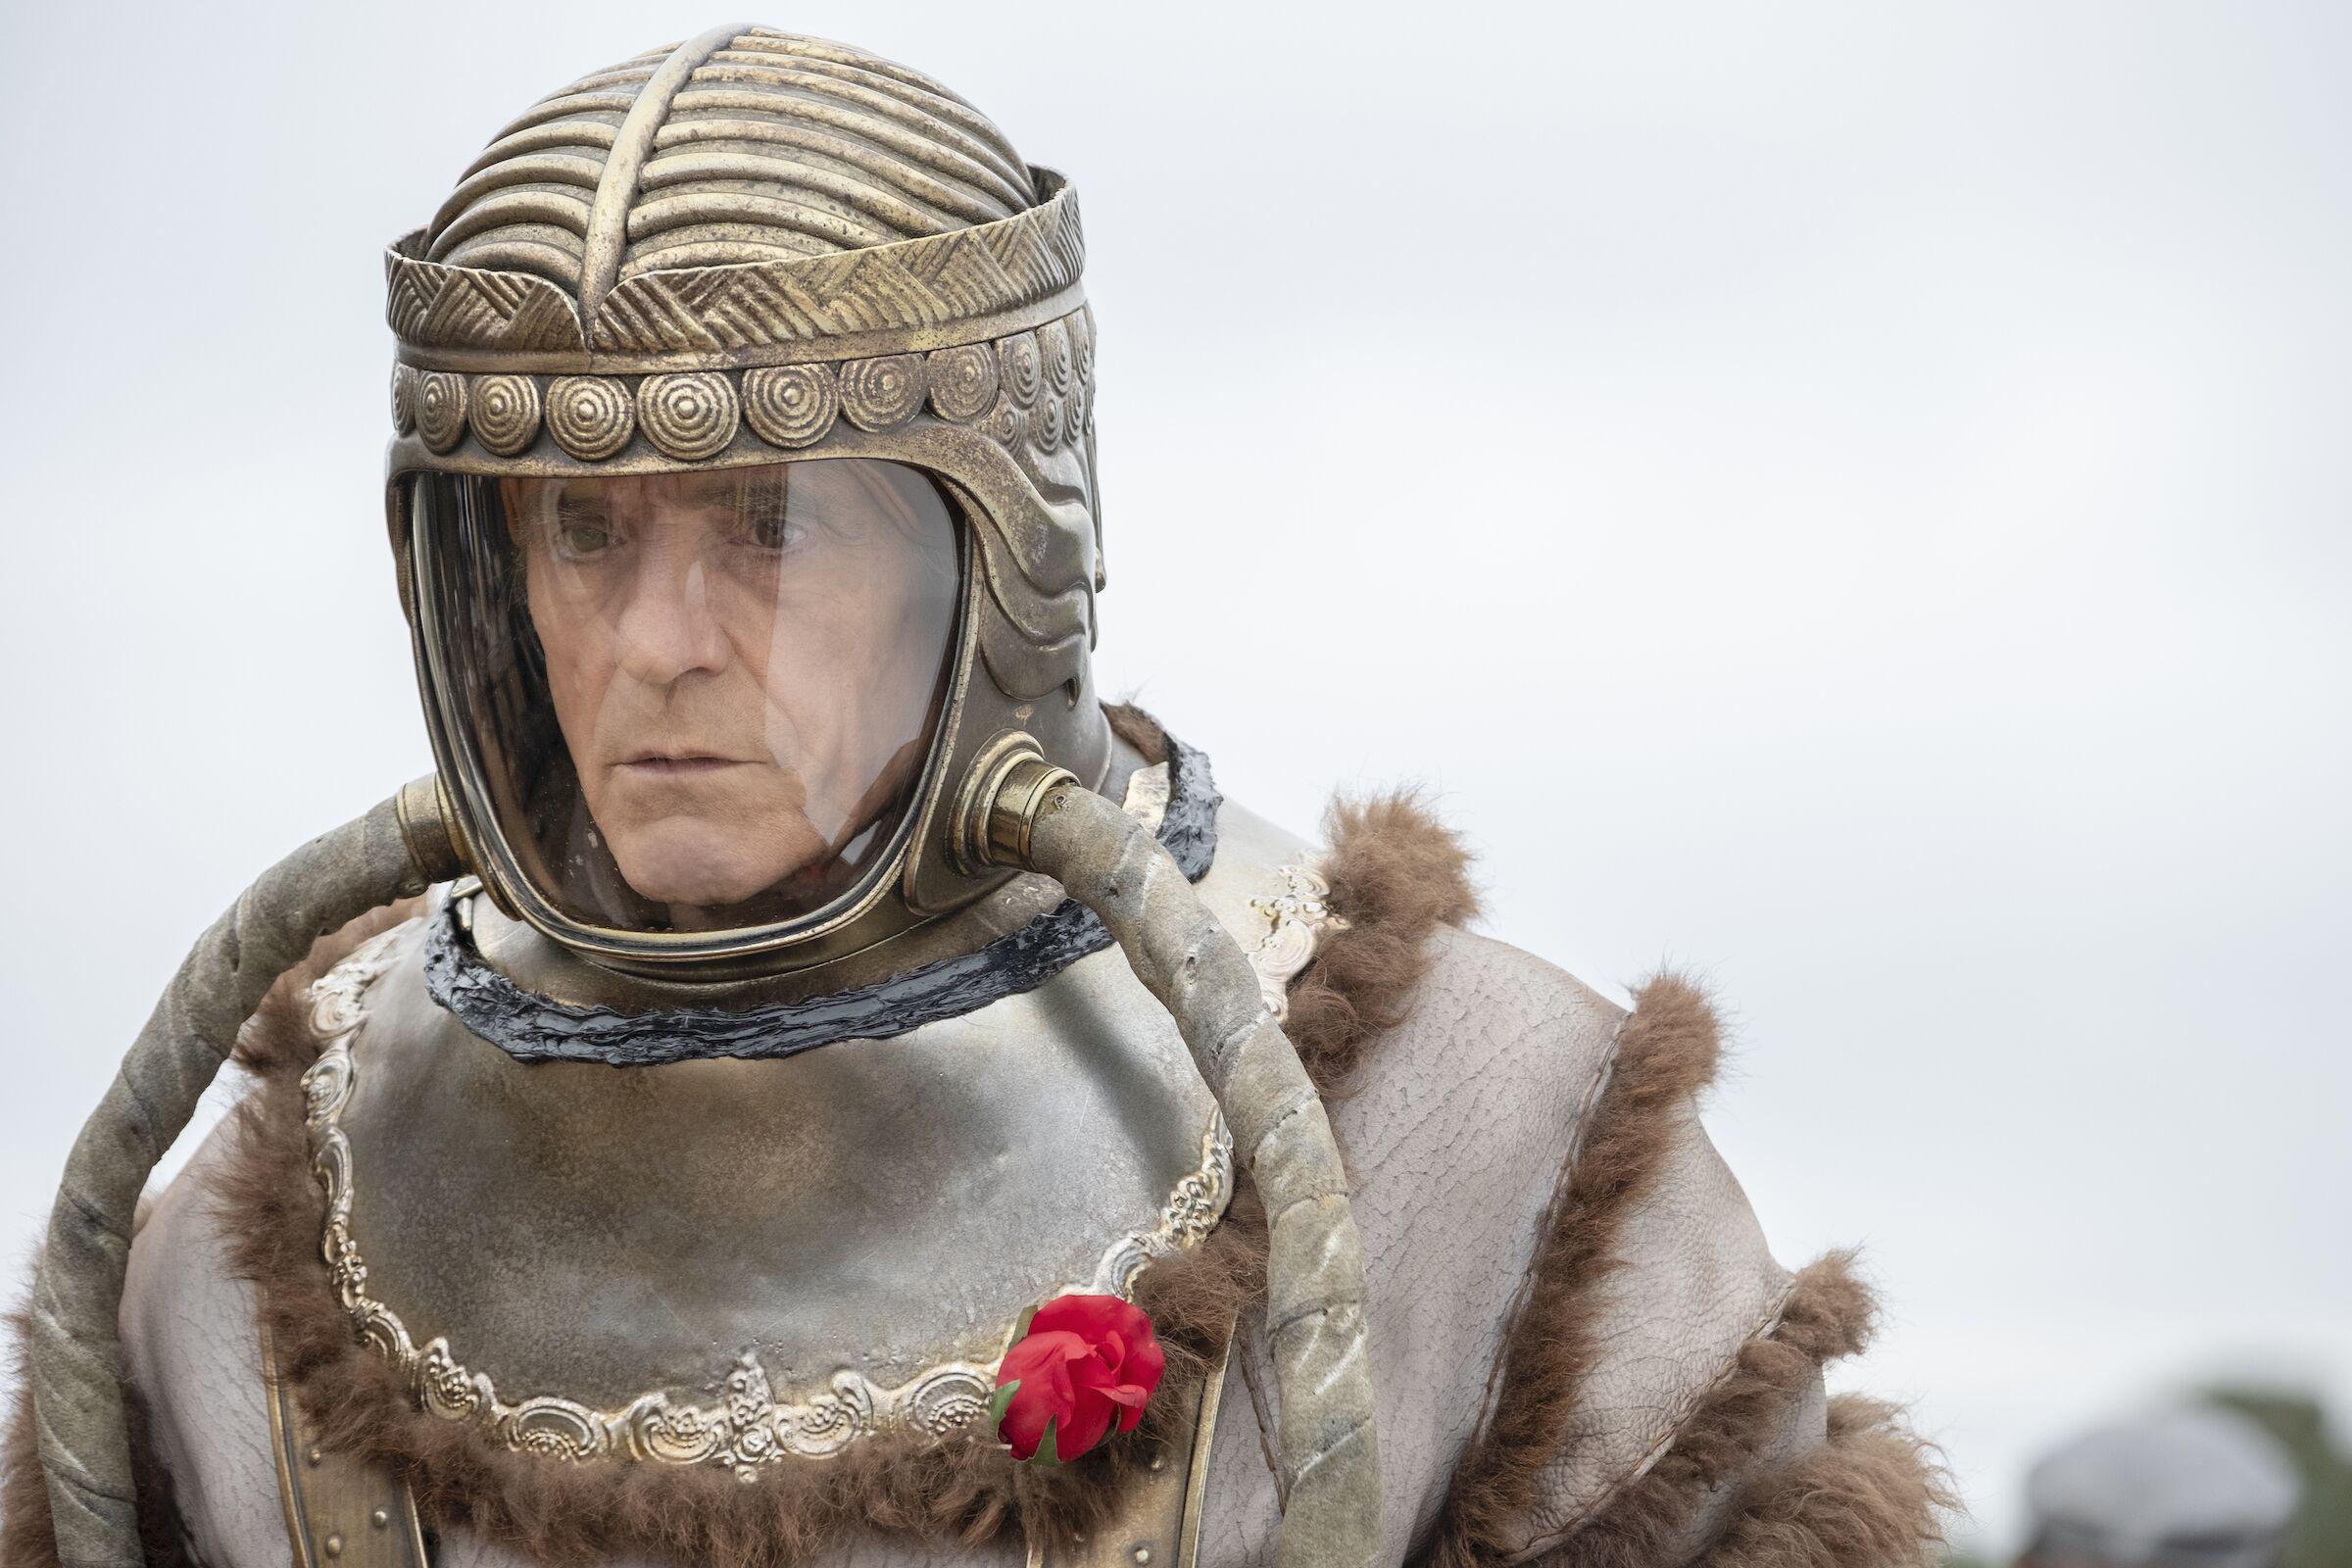 Showrunner confirms exactly where Adrian Veidt is on Watchmen